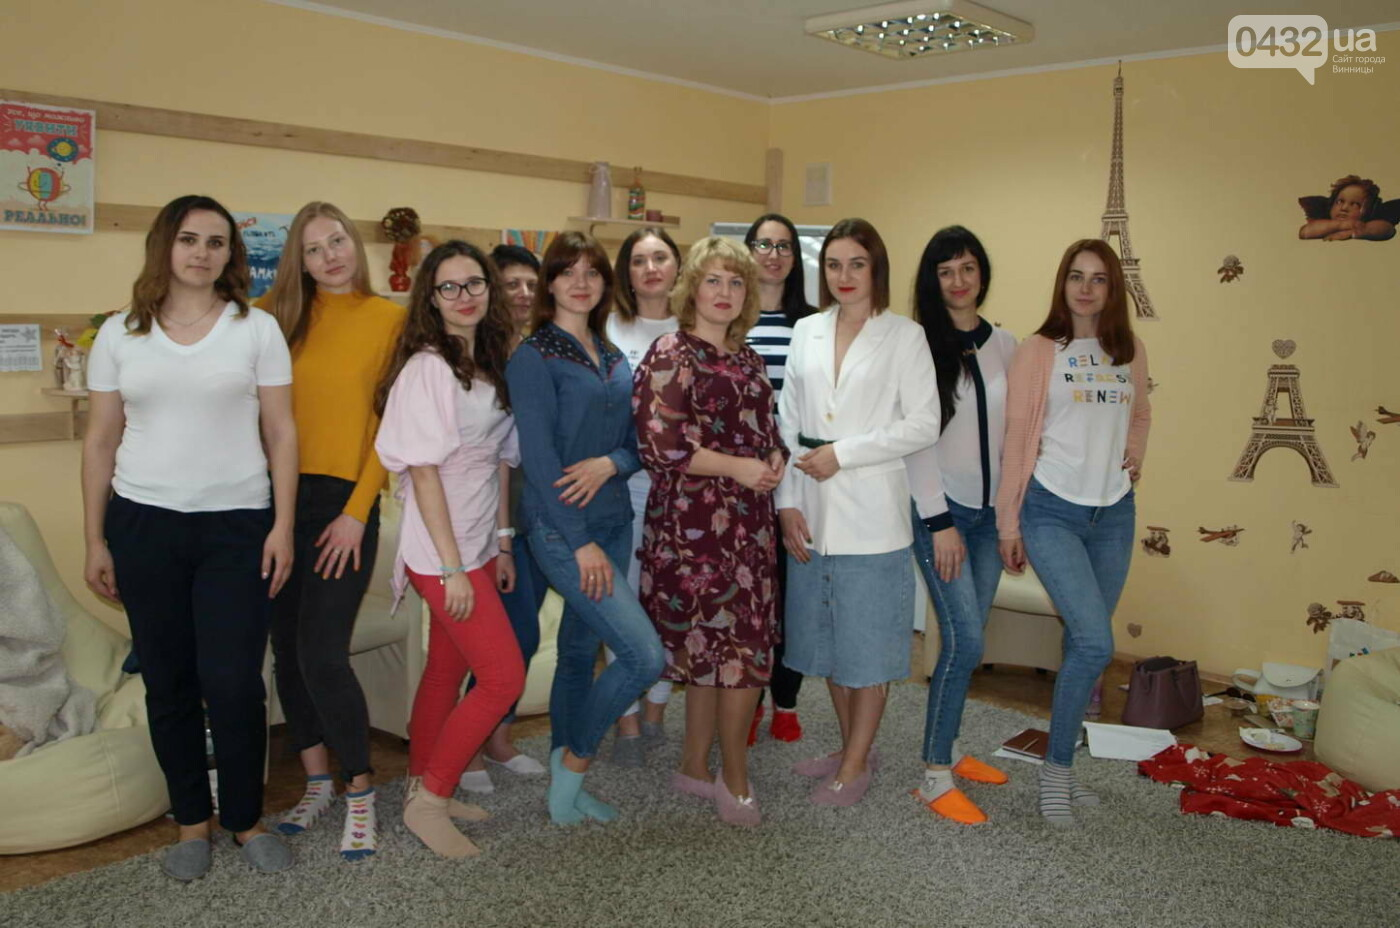 """СПЕЦПРОЕКТ сайту 0432.ua: """"Психологічна допомога: психологи-психотерапевти міста Вінниці"""", фото-5"""